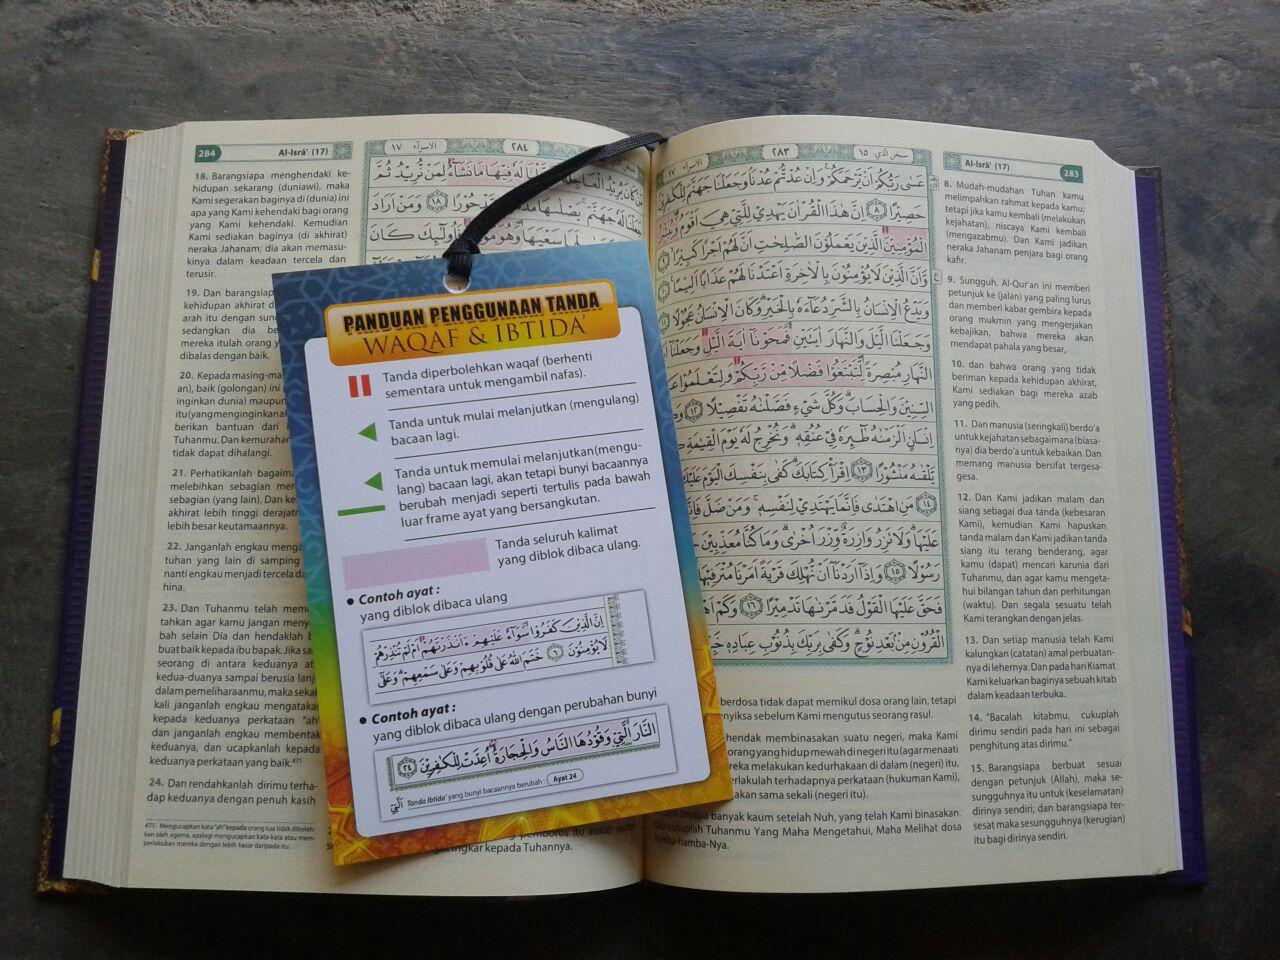 Al-Qur'an Dan Terjemah Dilengkapi Panduan Waqaf Dan Ibtida isi